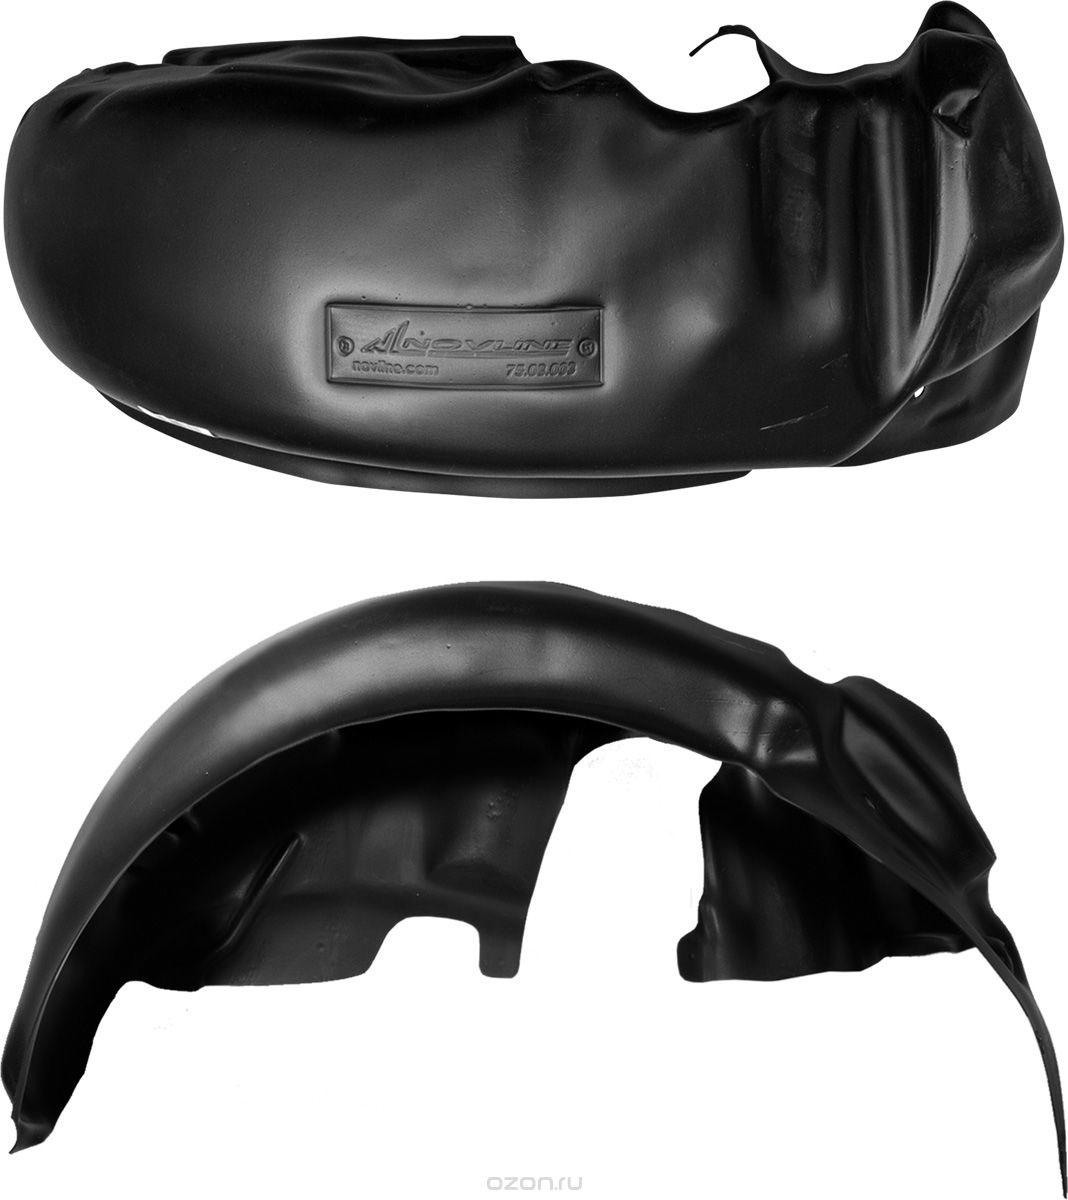 Подкрылок Novline-Autofamily, для DongFeng H30, 03/2014->, хэтчбек, передний правыйNLL.96.01.002Идеальная защита колесной ниши. Локеры разработаны с применением цифровых технологий, гарантируют максимальную повторяемость поверхности арки. Изделия устанавливаются без нарушения лакокрасочного покрытия автомобиля, каждый подкрылок комплектуется крепежом. Уважаемые клиенты, обращаем ваше внимание, что фотографии на подкрылки универсальные и не отражают реальную форму изделия. При этом само изделие идет точно под размер указанного автомобиля.